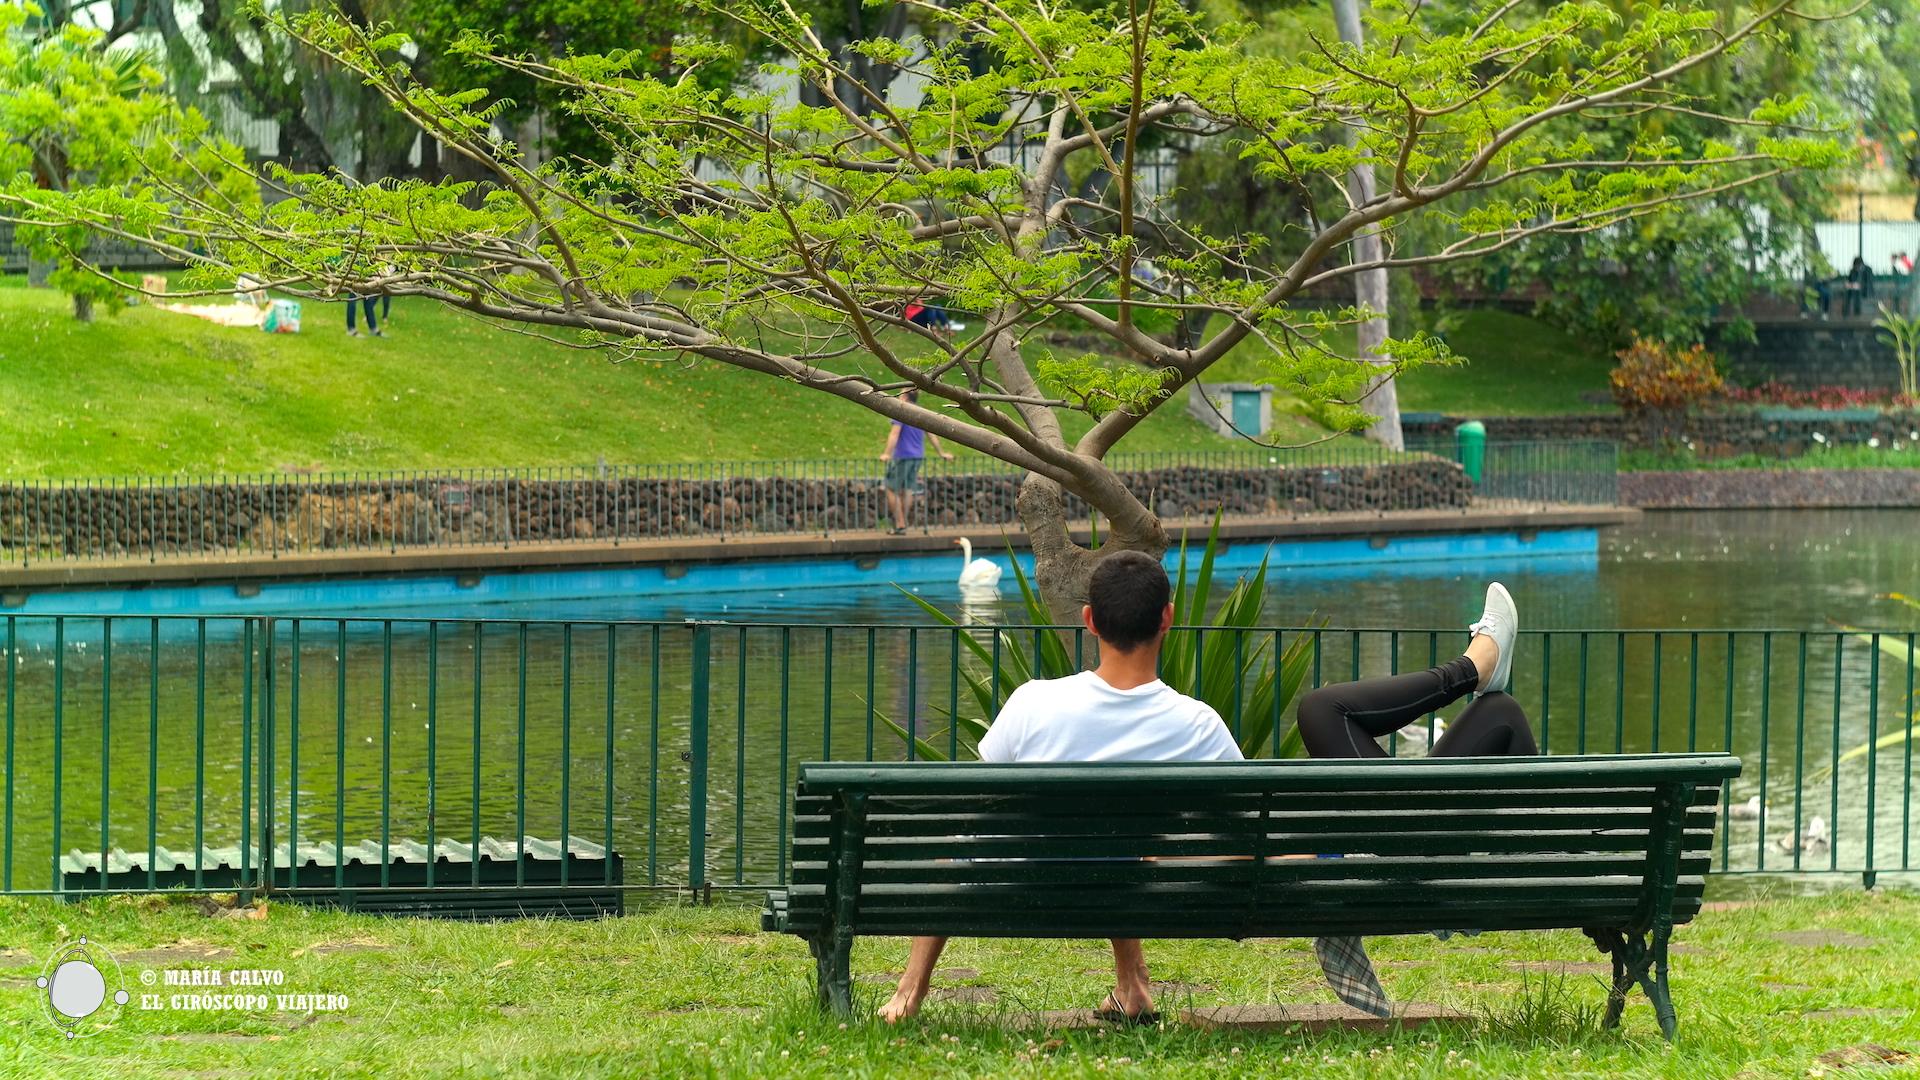 Amor en el Parque de Santa Catarina